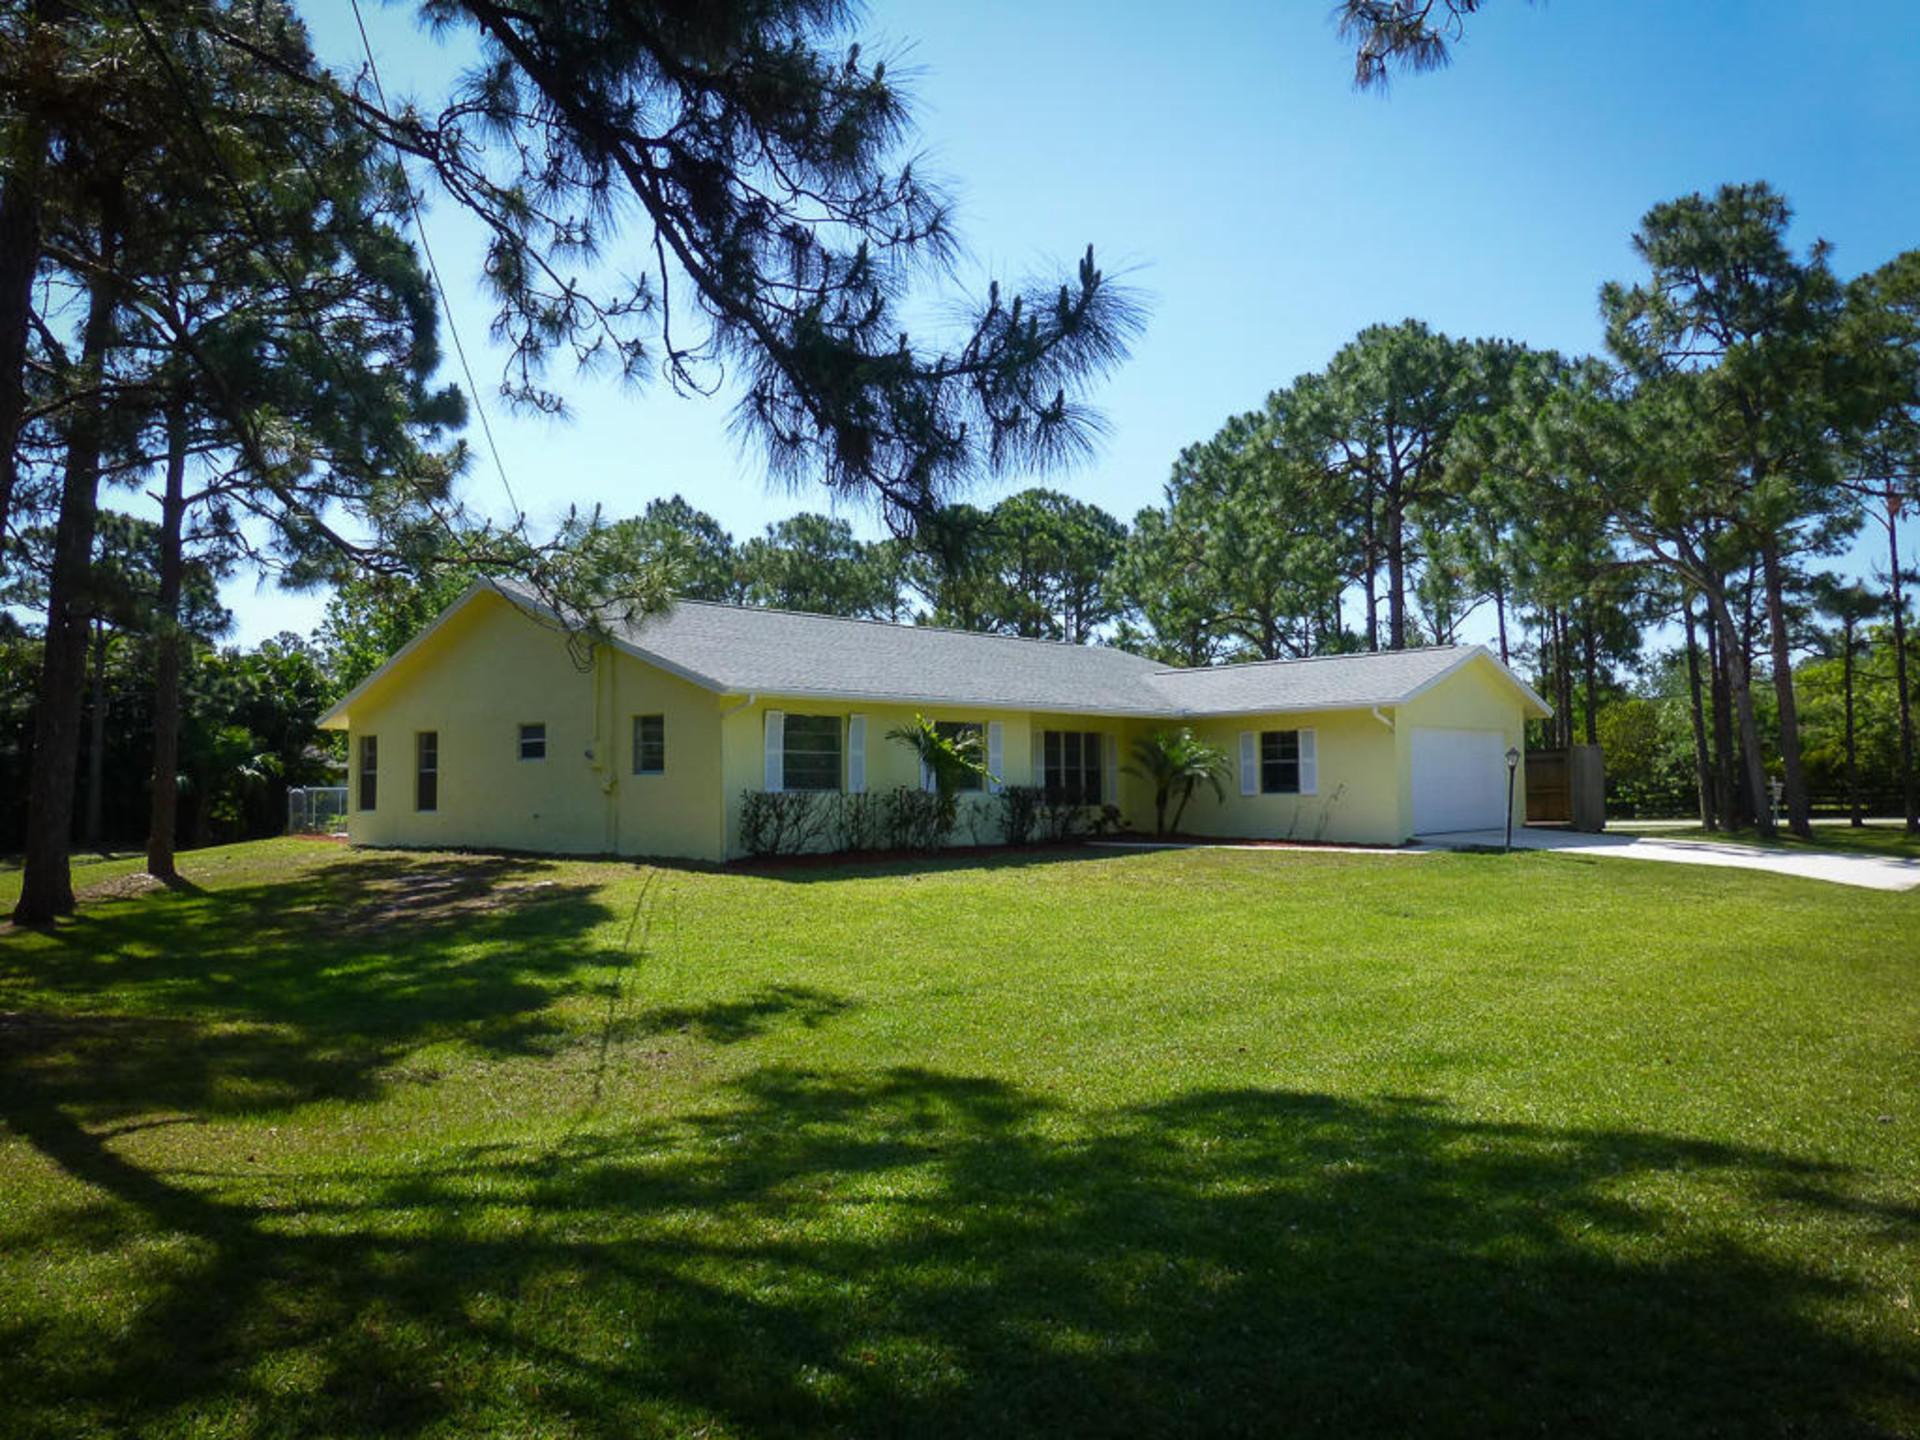 Donald Ross Rd, Palm Beach Gardens, FL 33418 - Estimate and Home ...